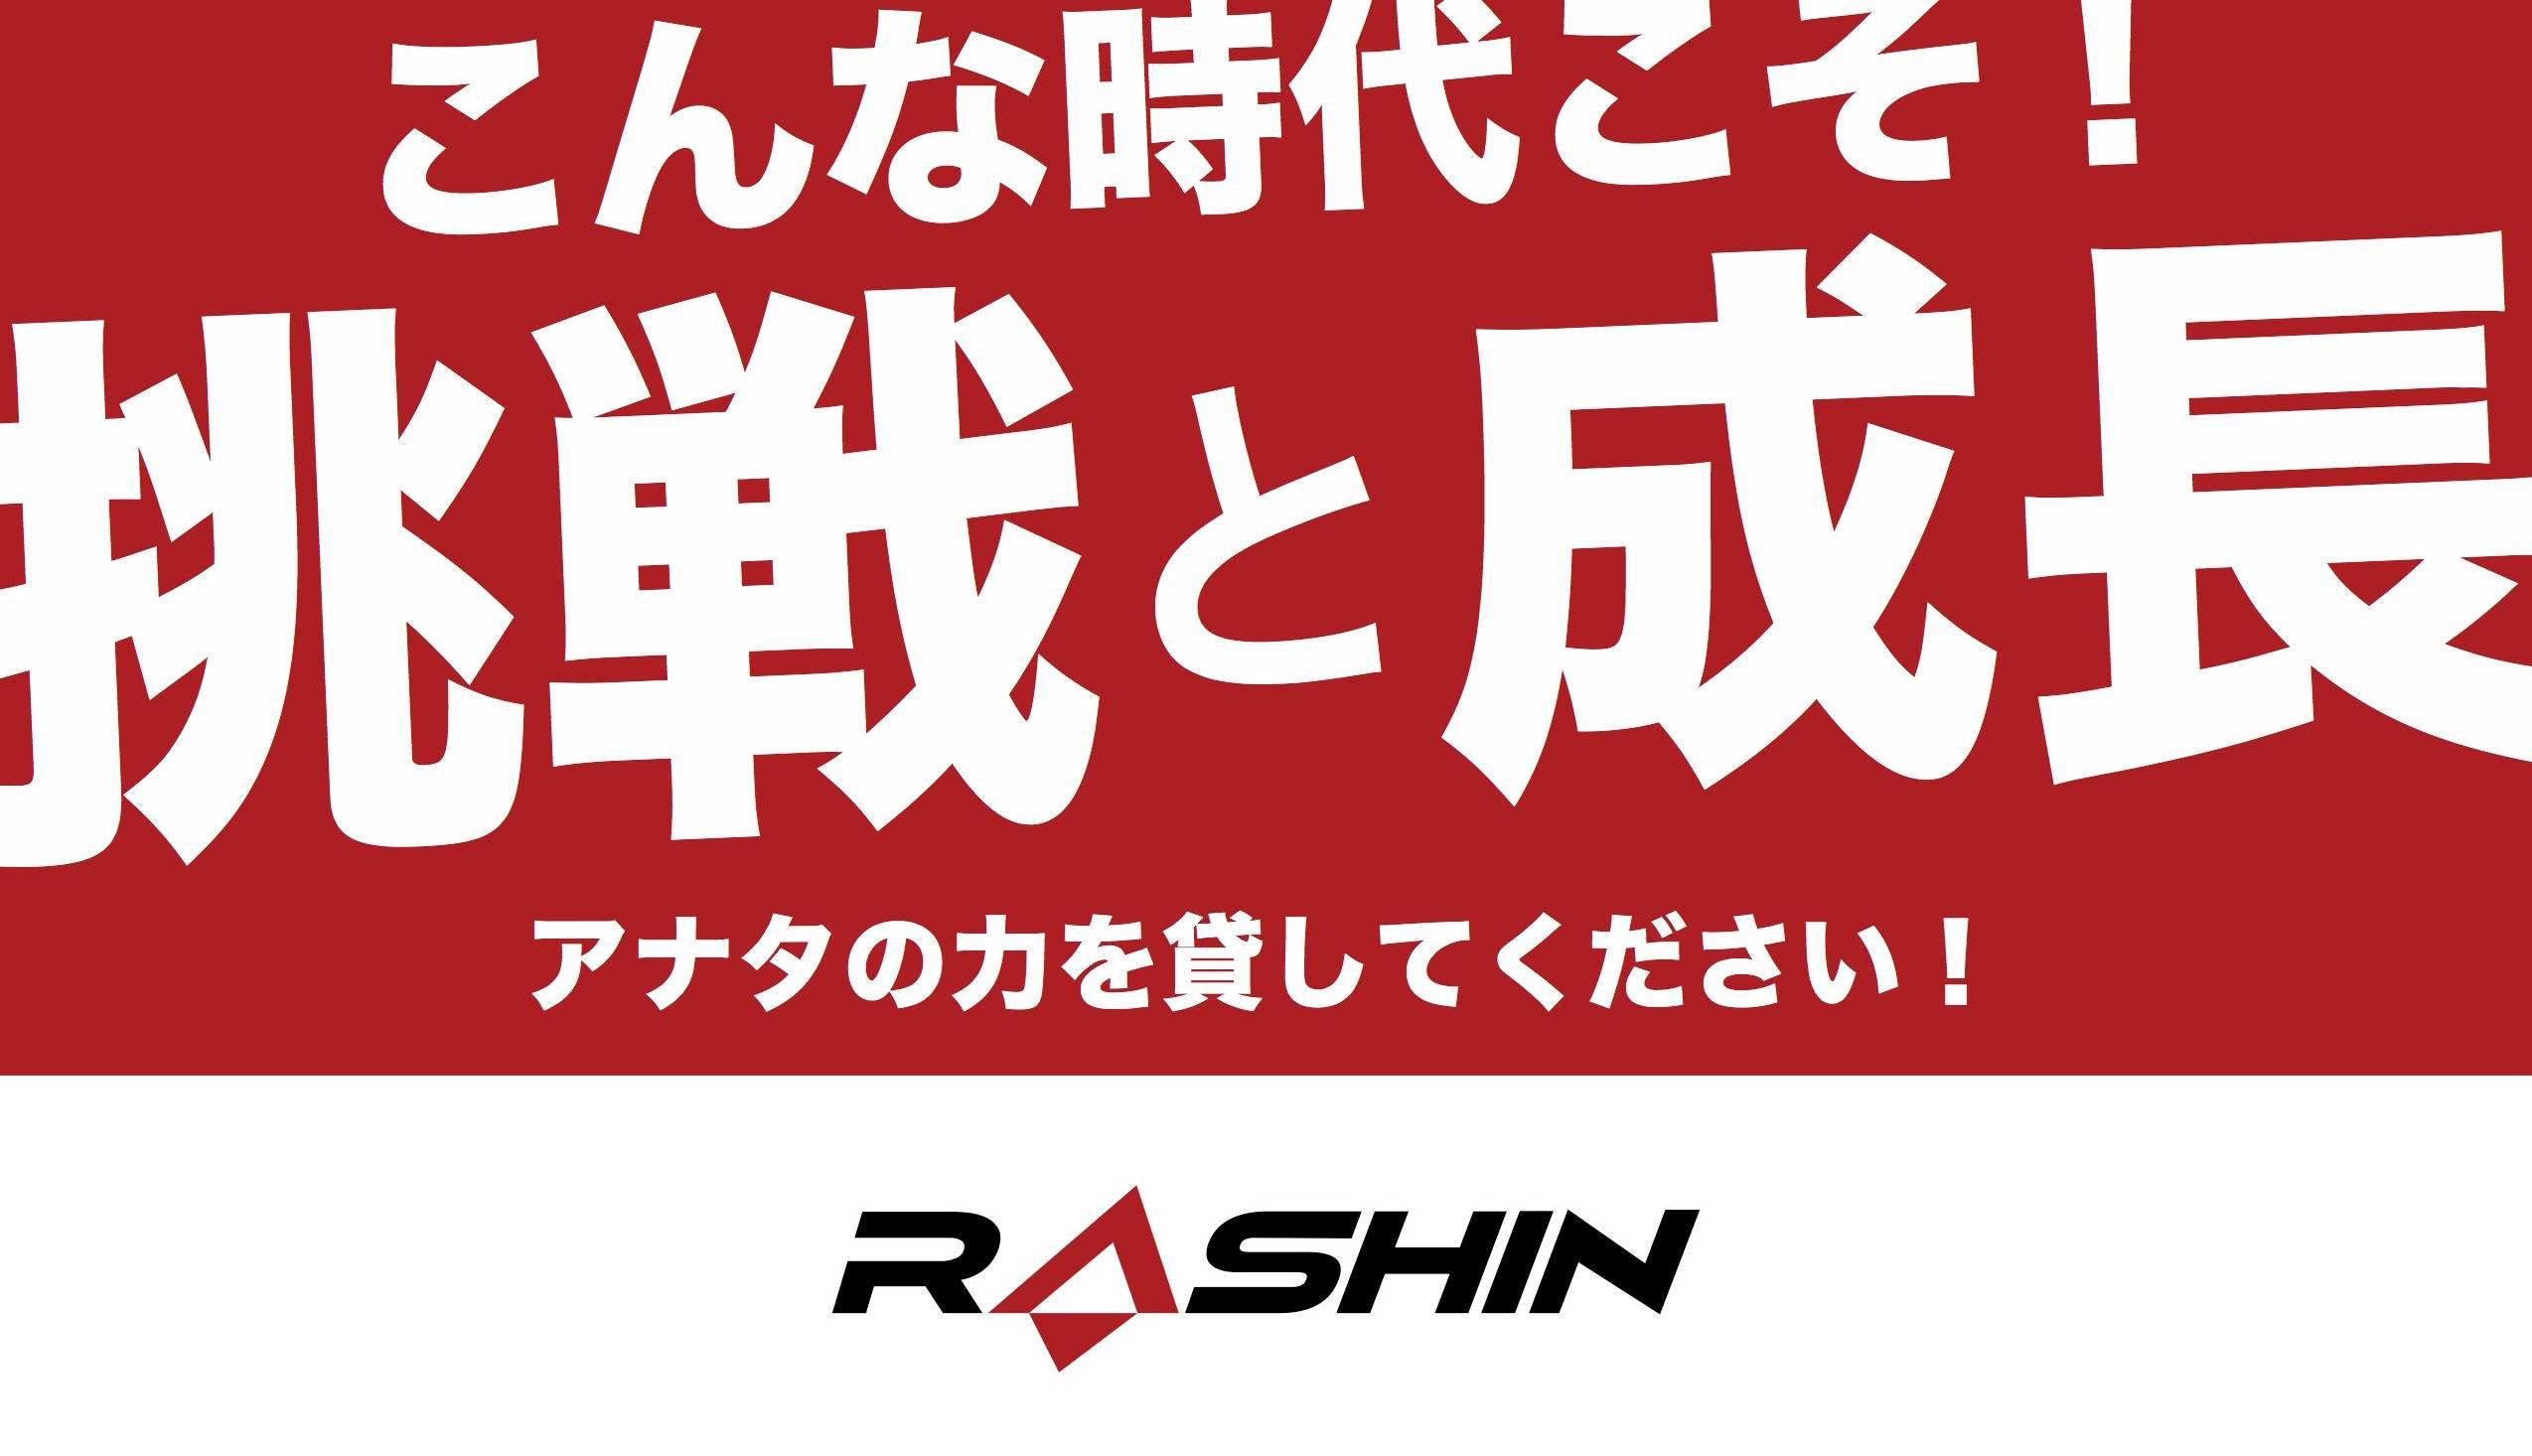 ラシン株式会社